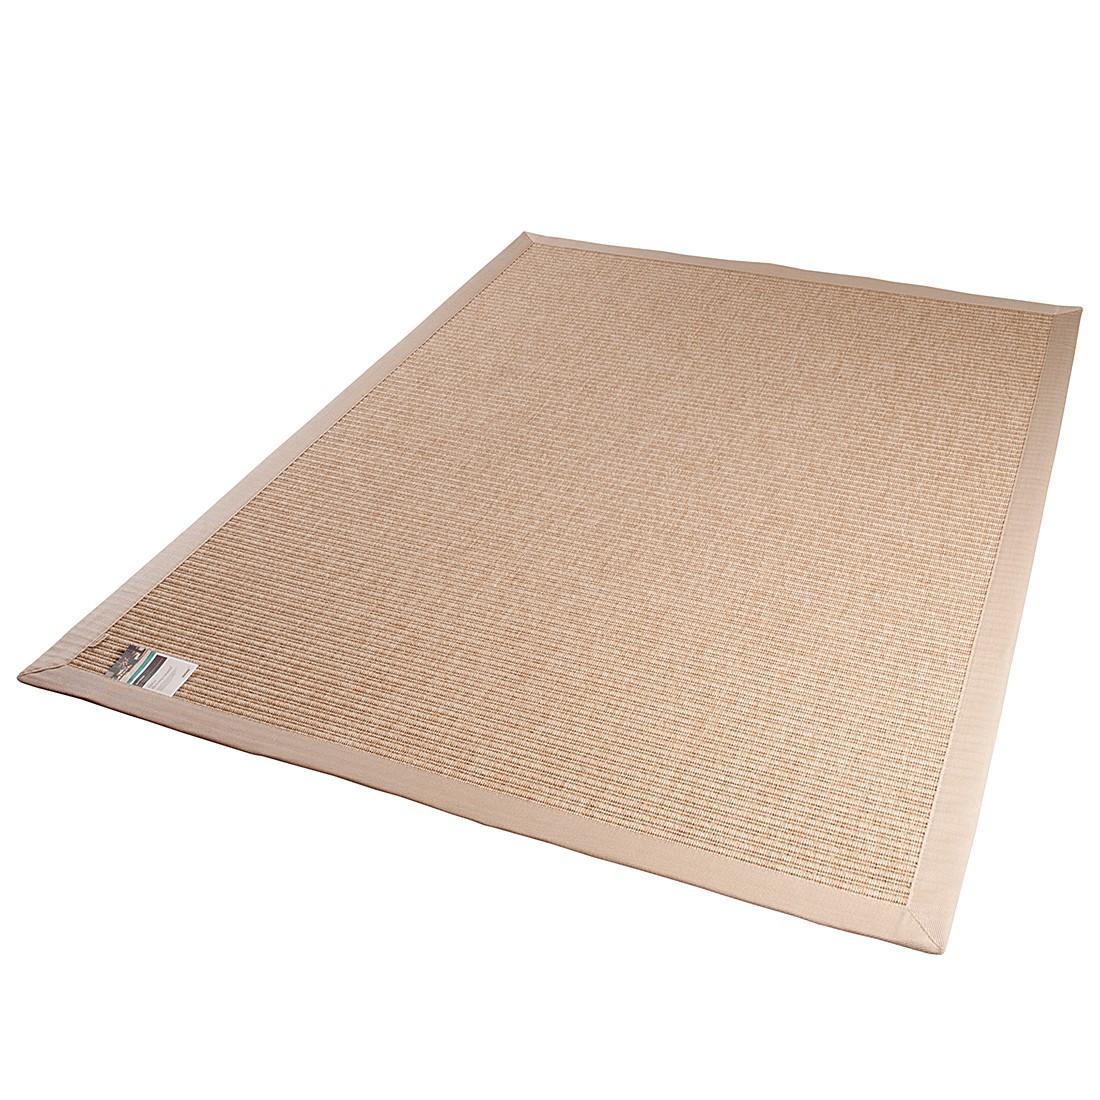 In-/Outdoorteppich Naturino Tweed – Beige – 170 x 230 cm, DEKOWE jetzt bestellen